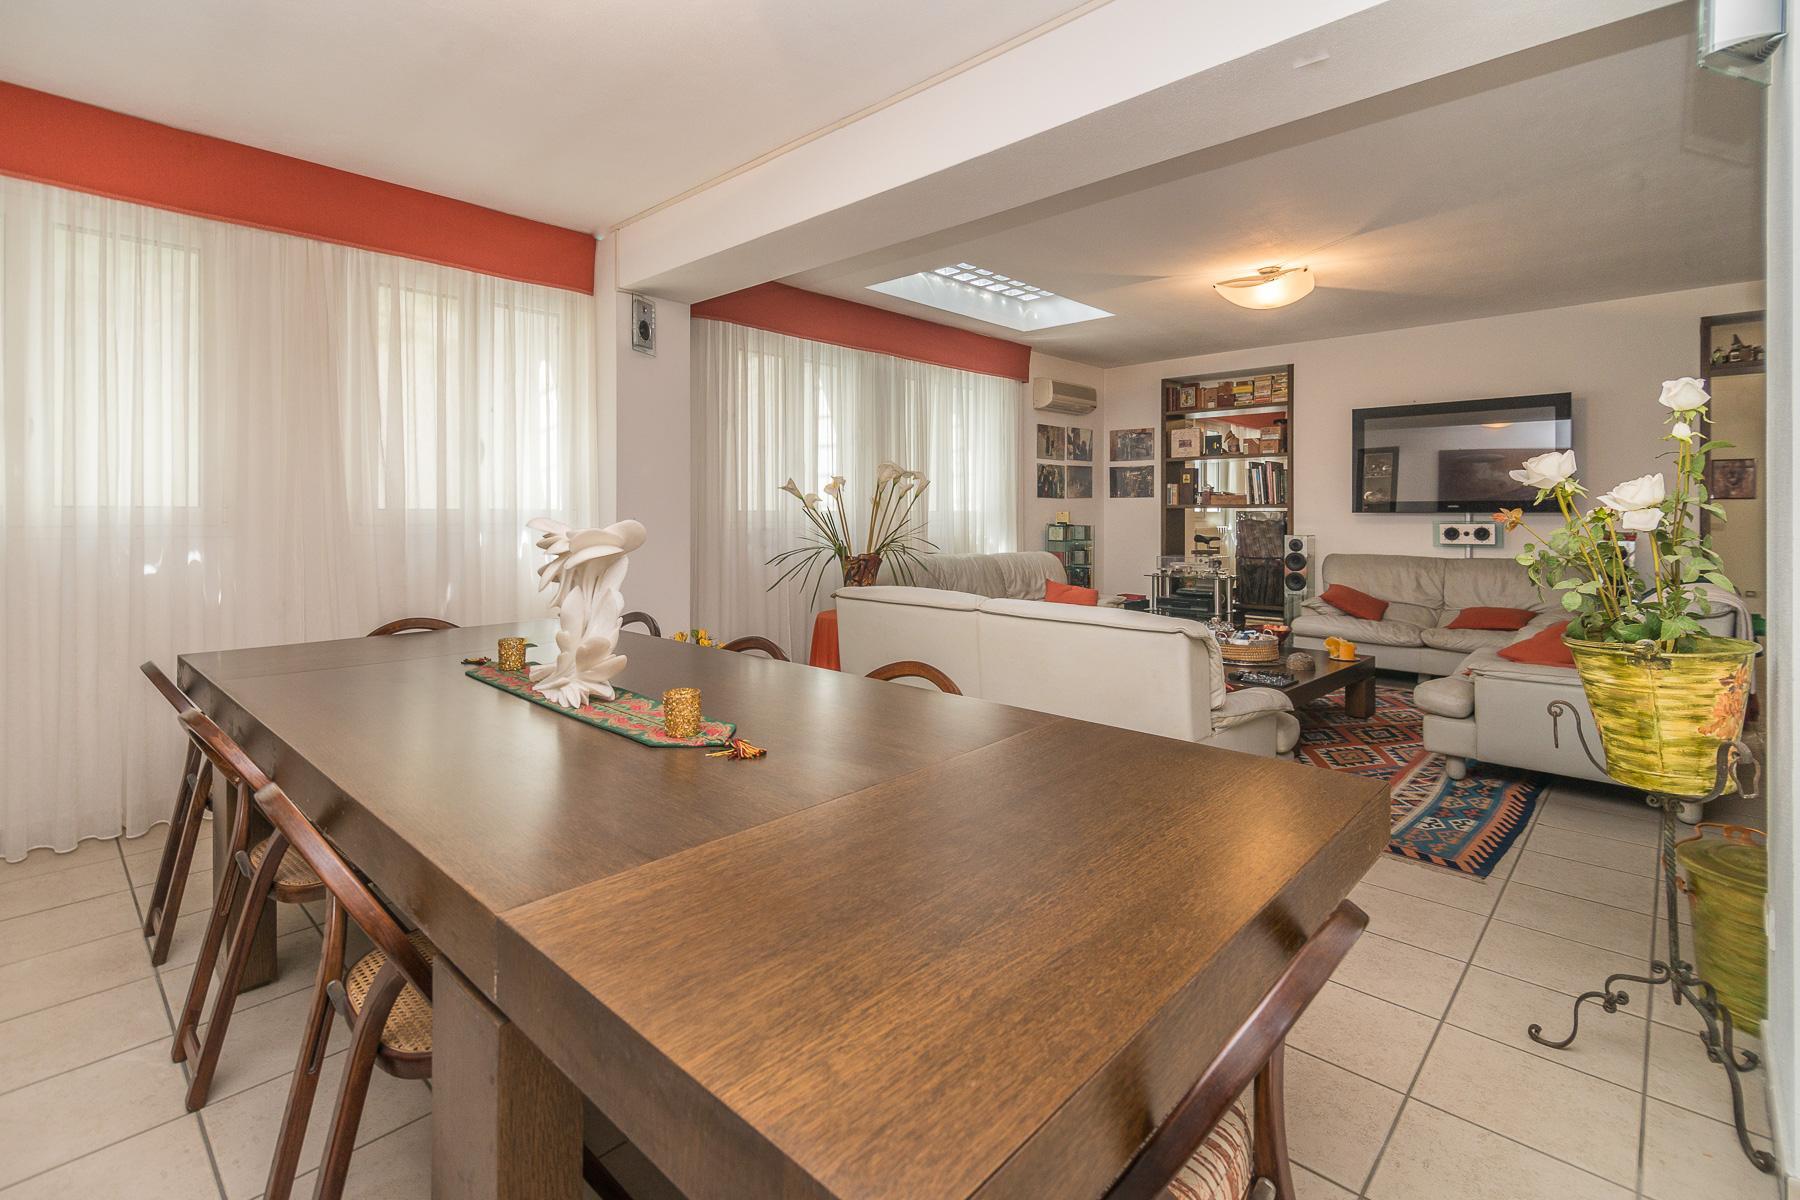 Golf Club de Castelconturbia, maison individuelle de 300 m² avec jardin de 1500 m² et jacuzzi - 27